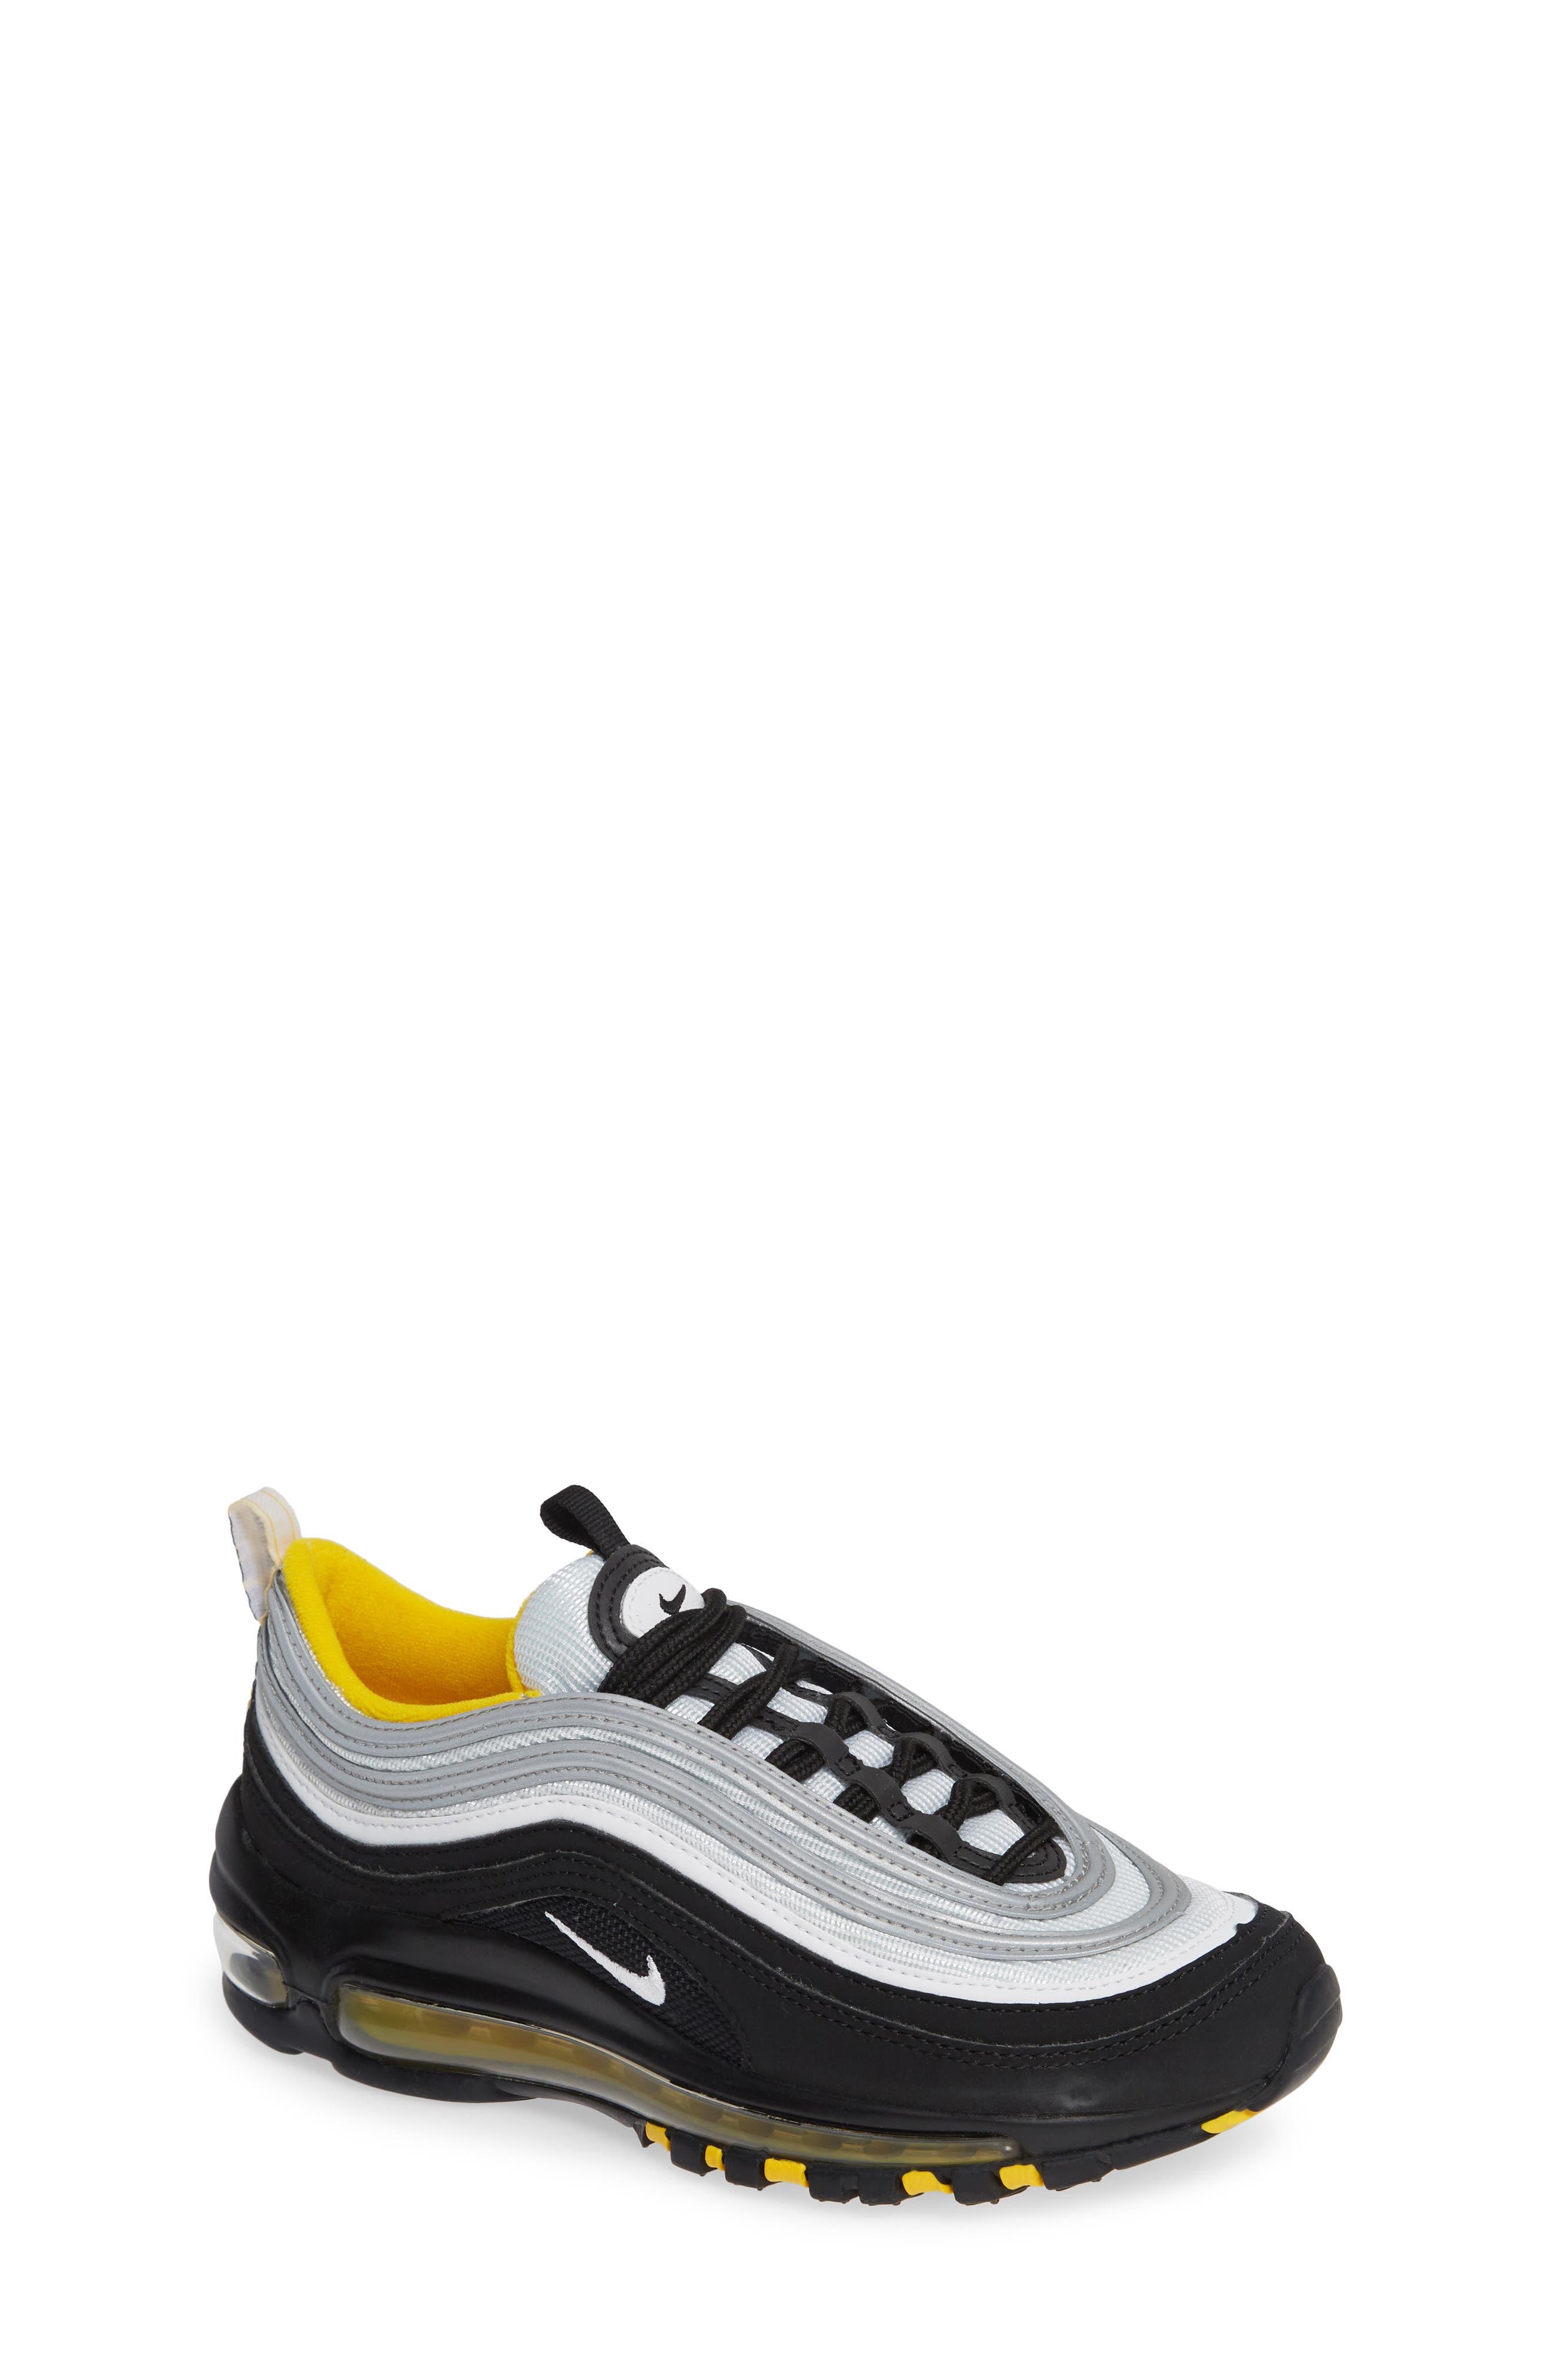 Air Max 97 Sneaker,                         Main,                         color, BLACK/ WHITE/ AMARILLO